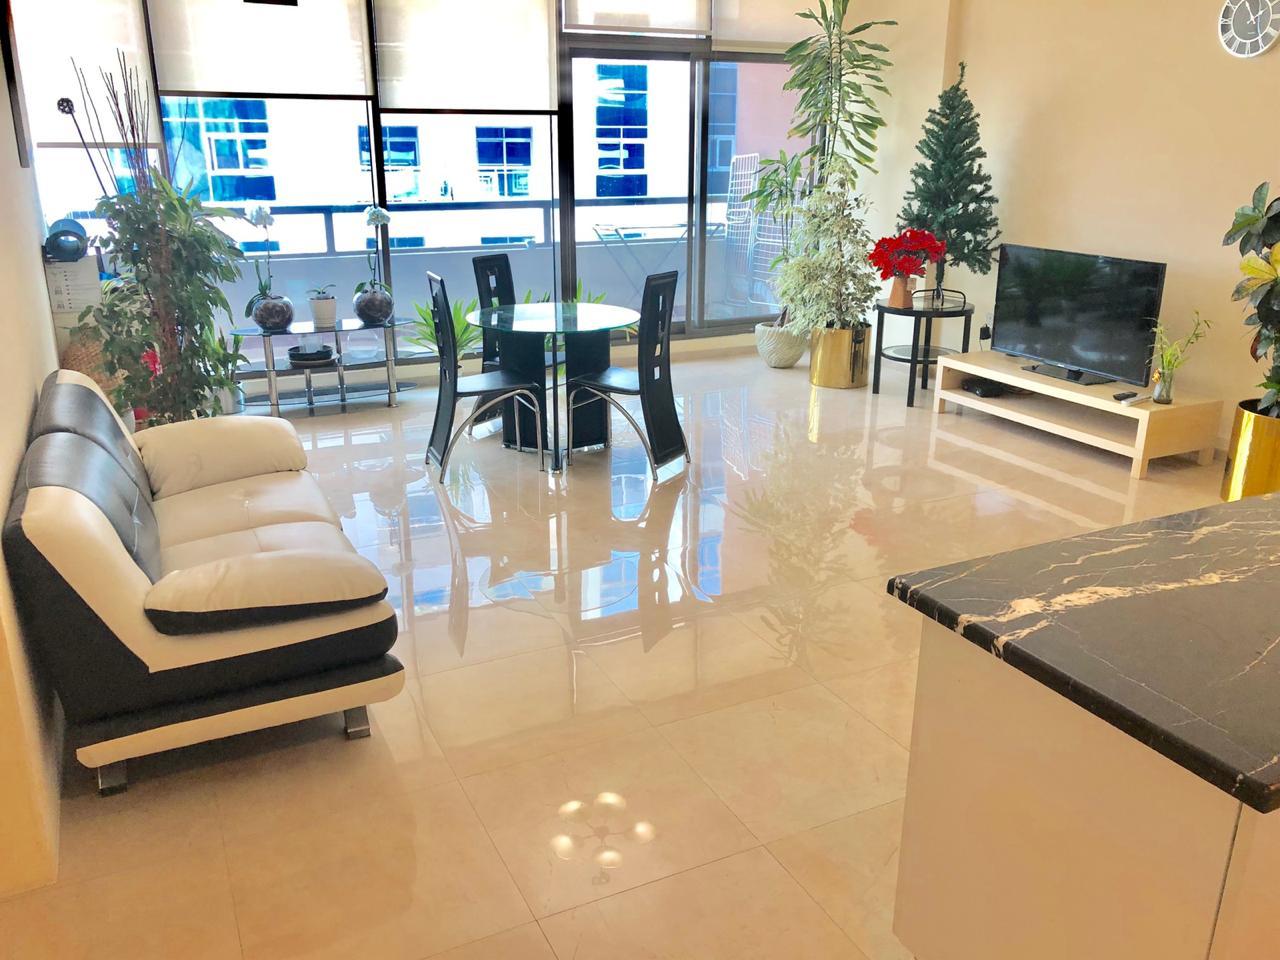 AR1 501 living room.jpeg